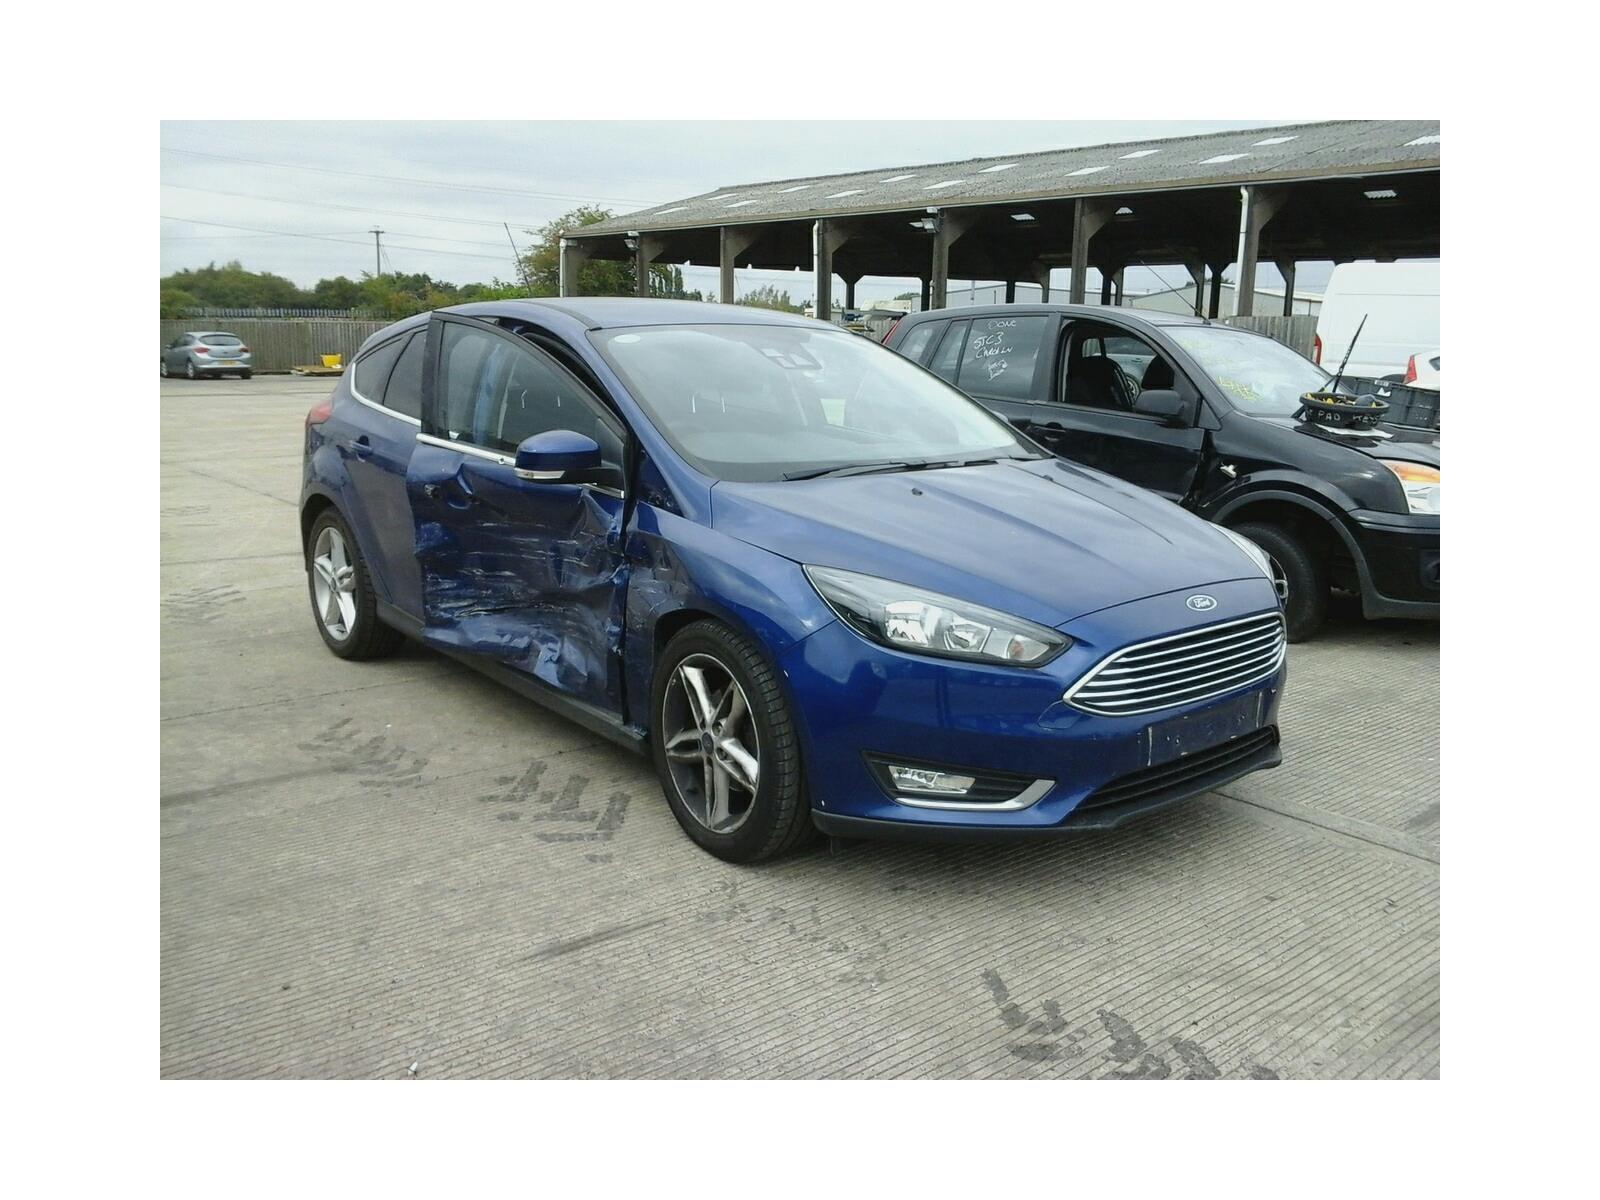 2015 Ford Focus 2014 On 5 Door Hatchback Diesel Manual Breaking